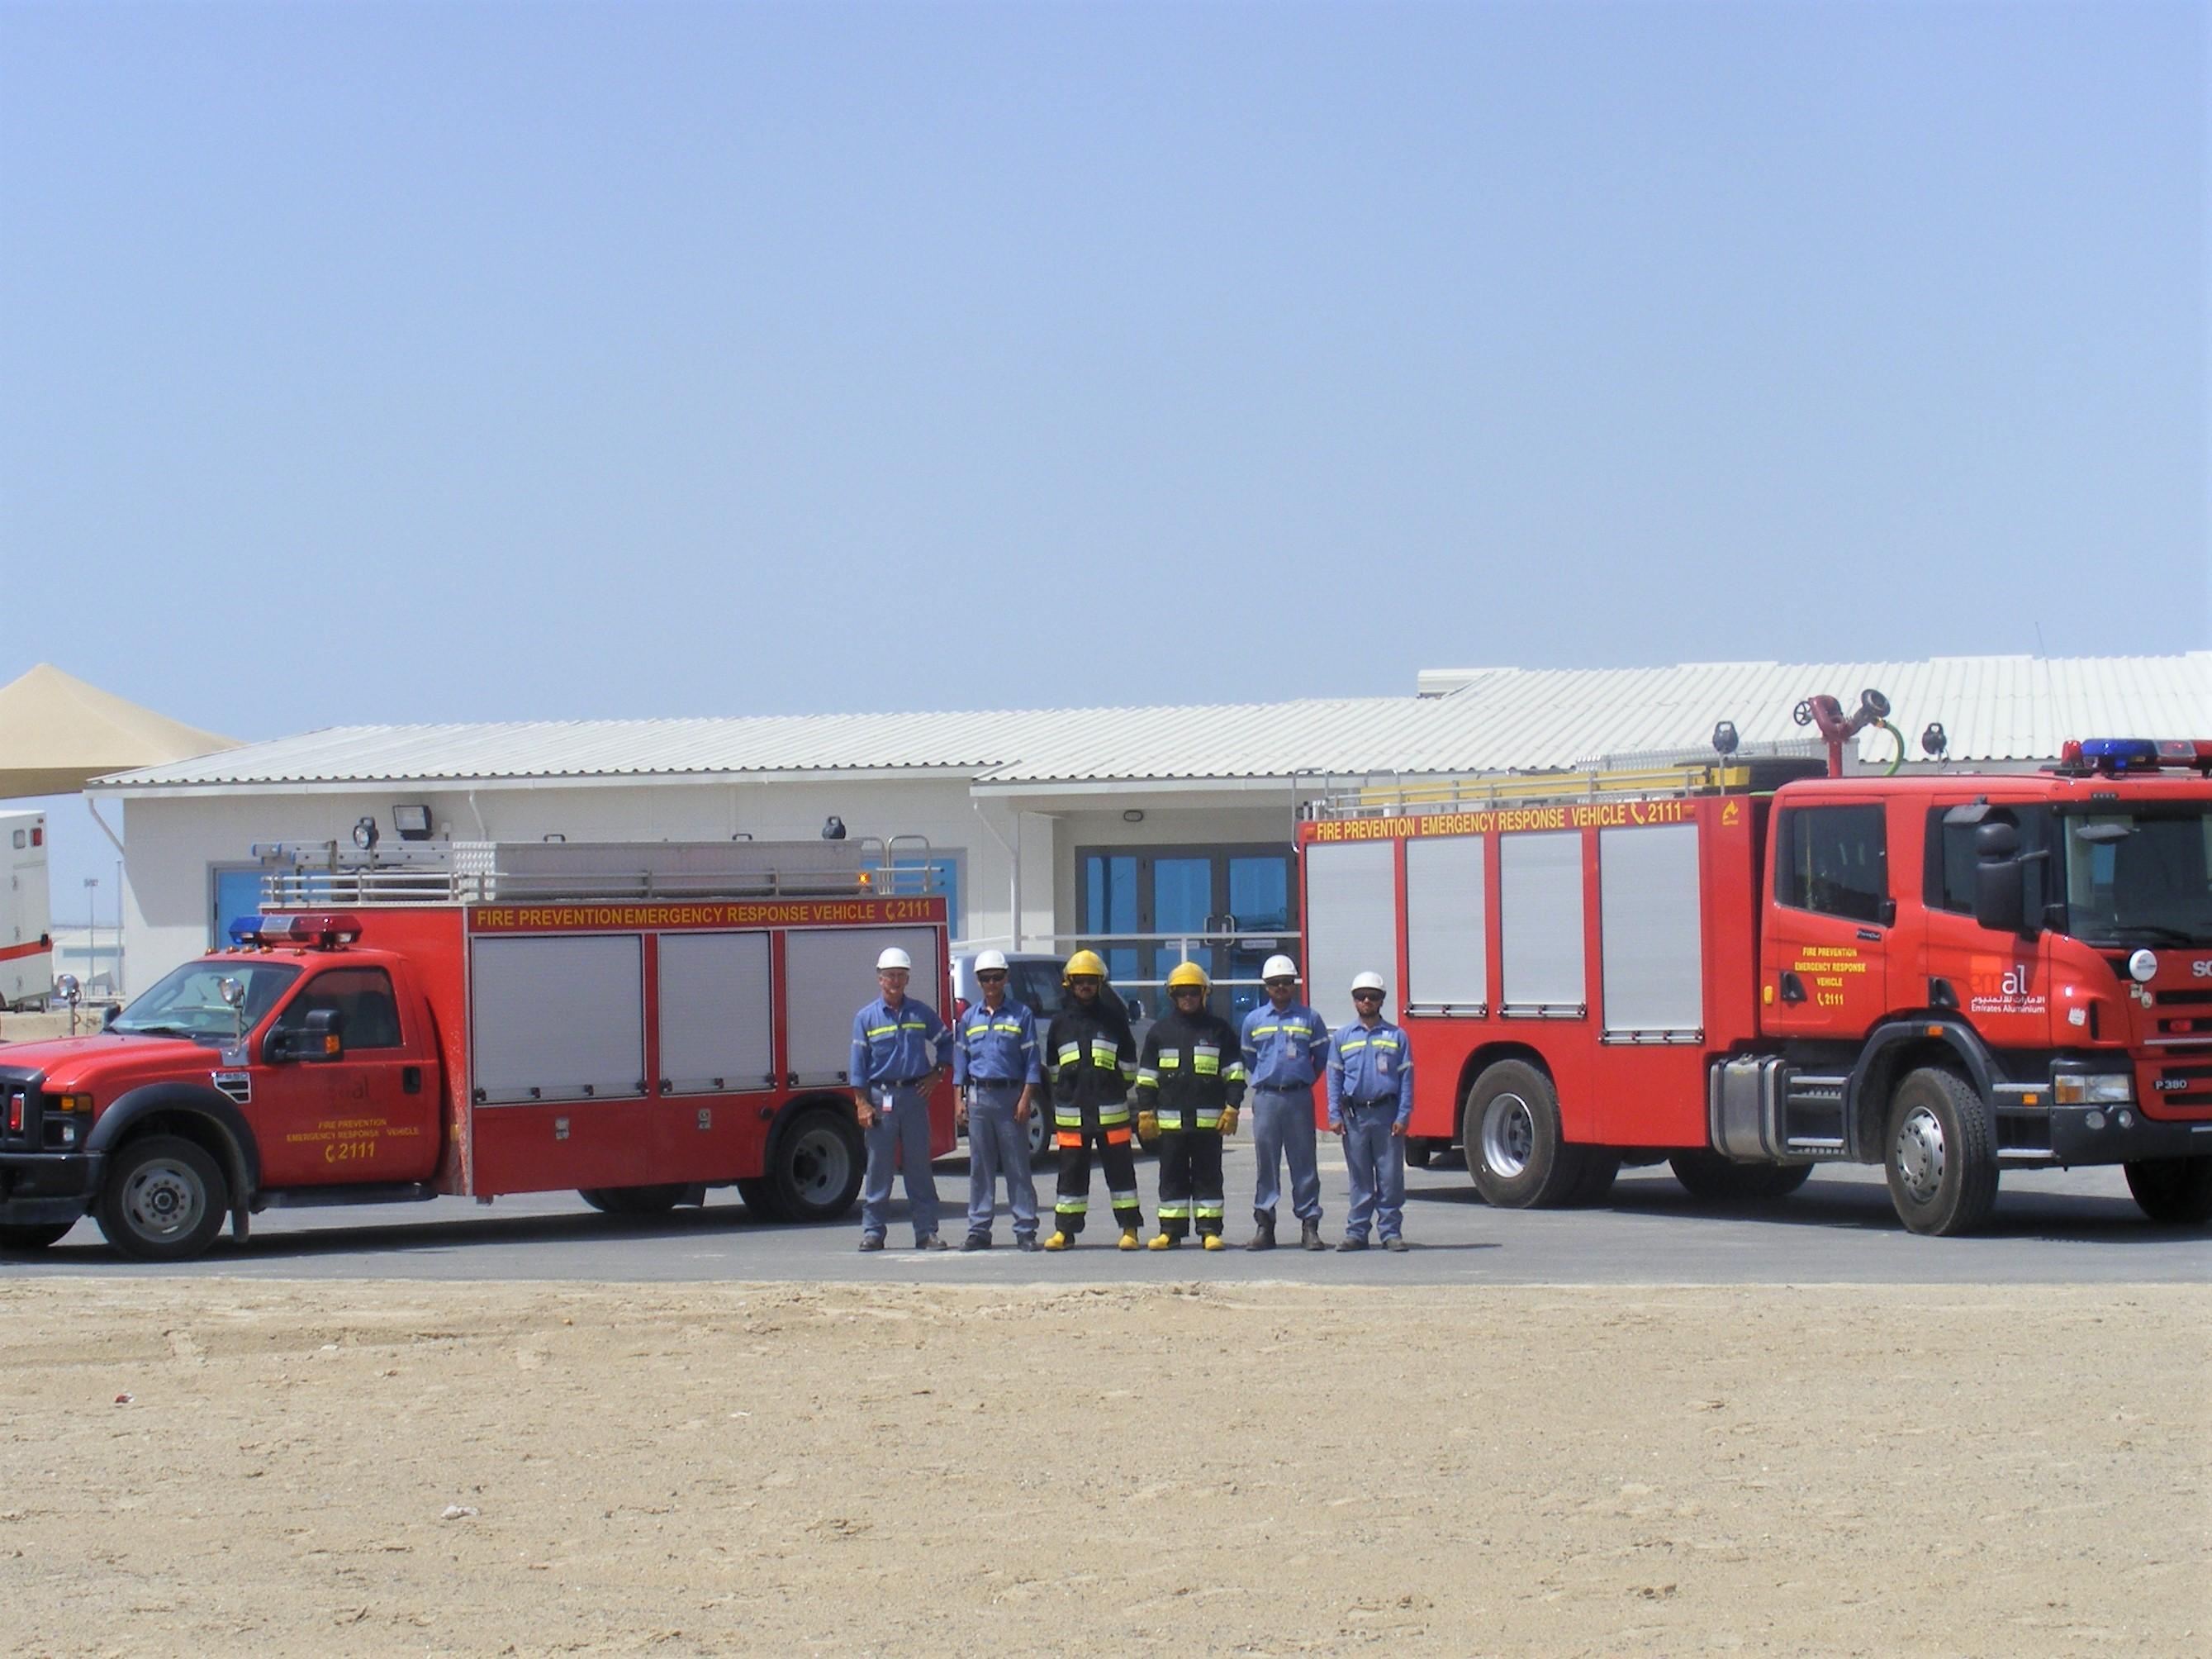 NRC - United Arab Emirates | National Response Corporation